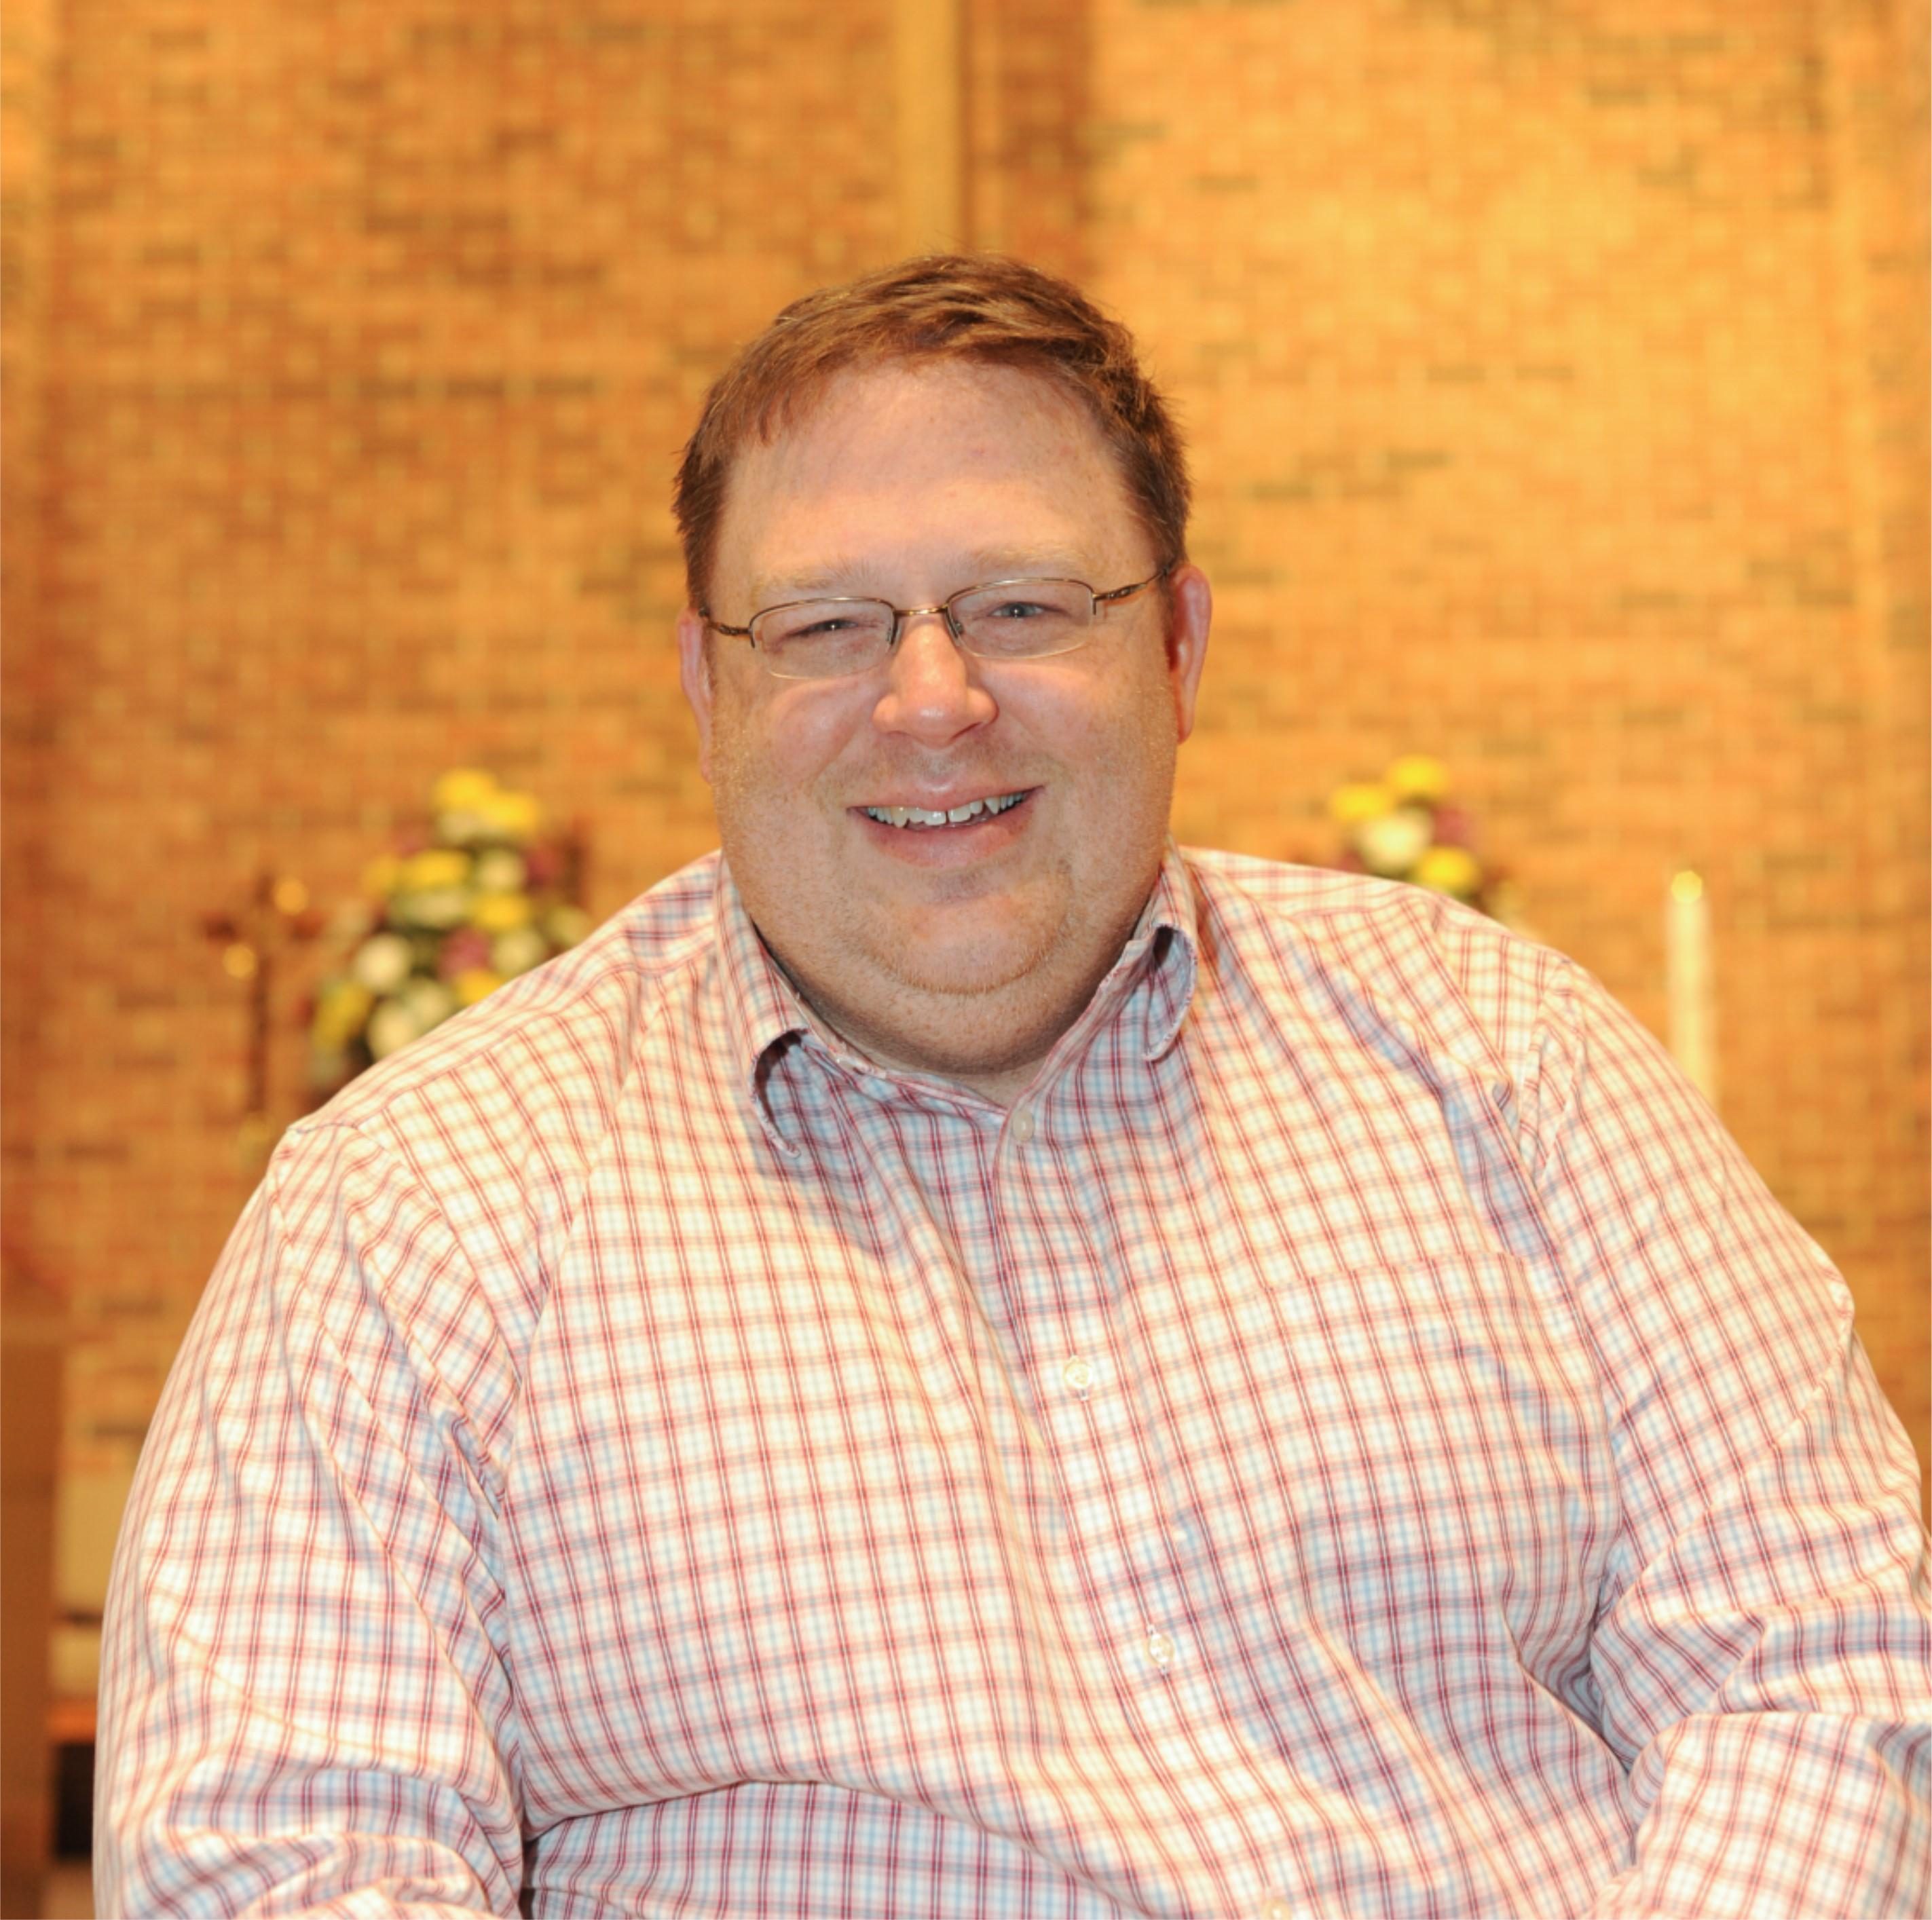 Matthew Smith-Laubenstein